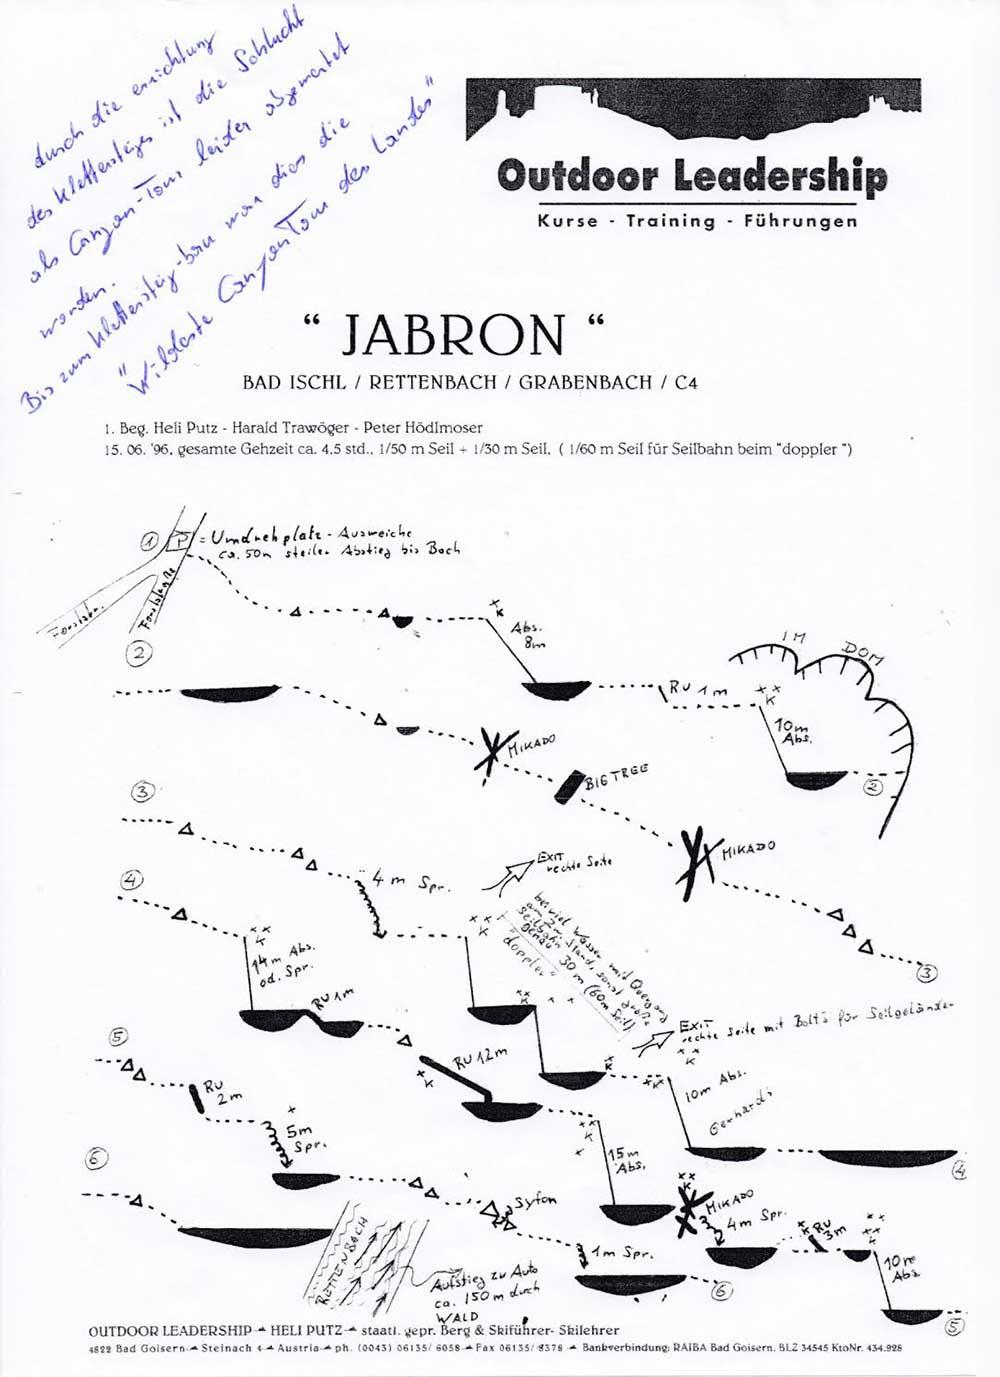 Bad Ischl - Canyoning - Jabron